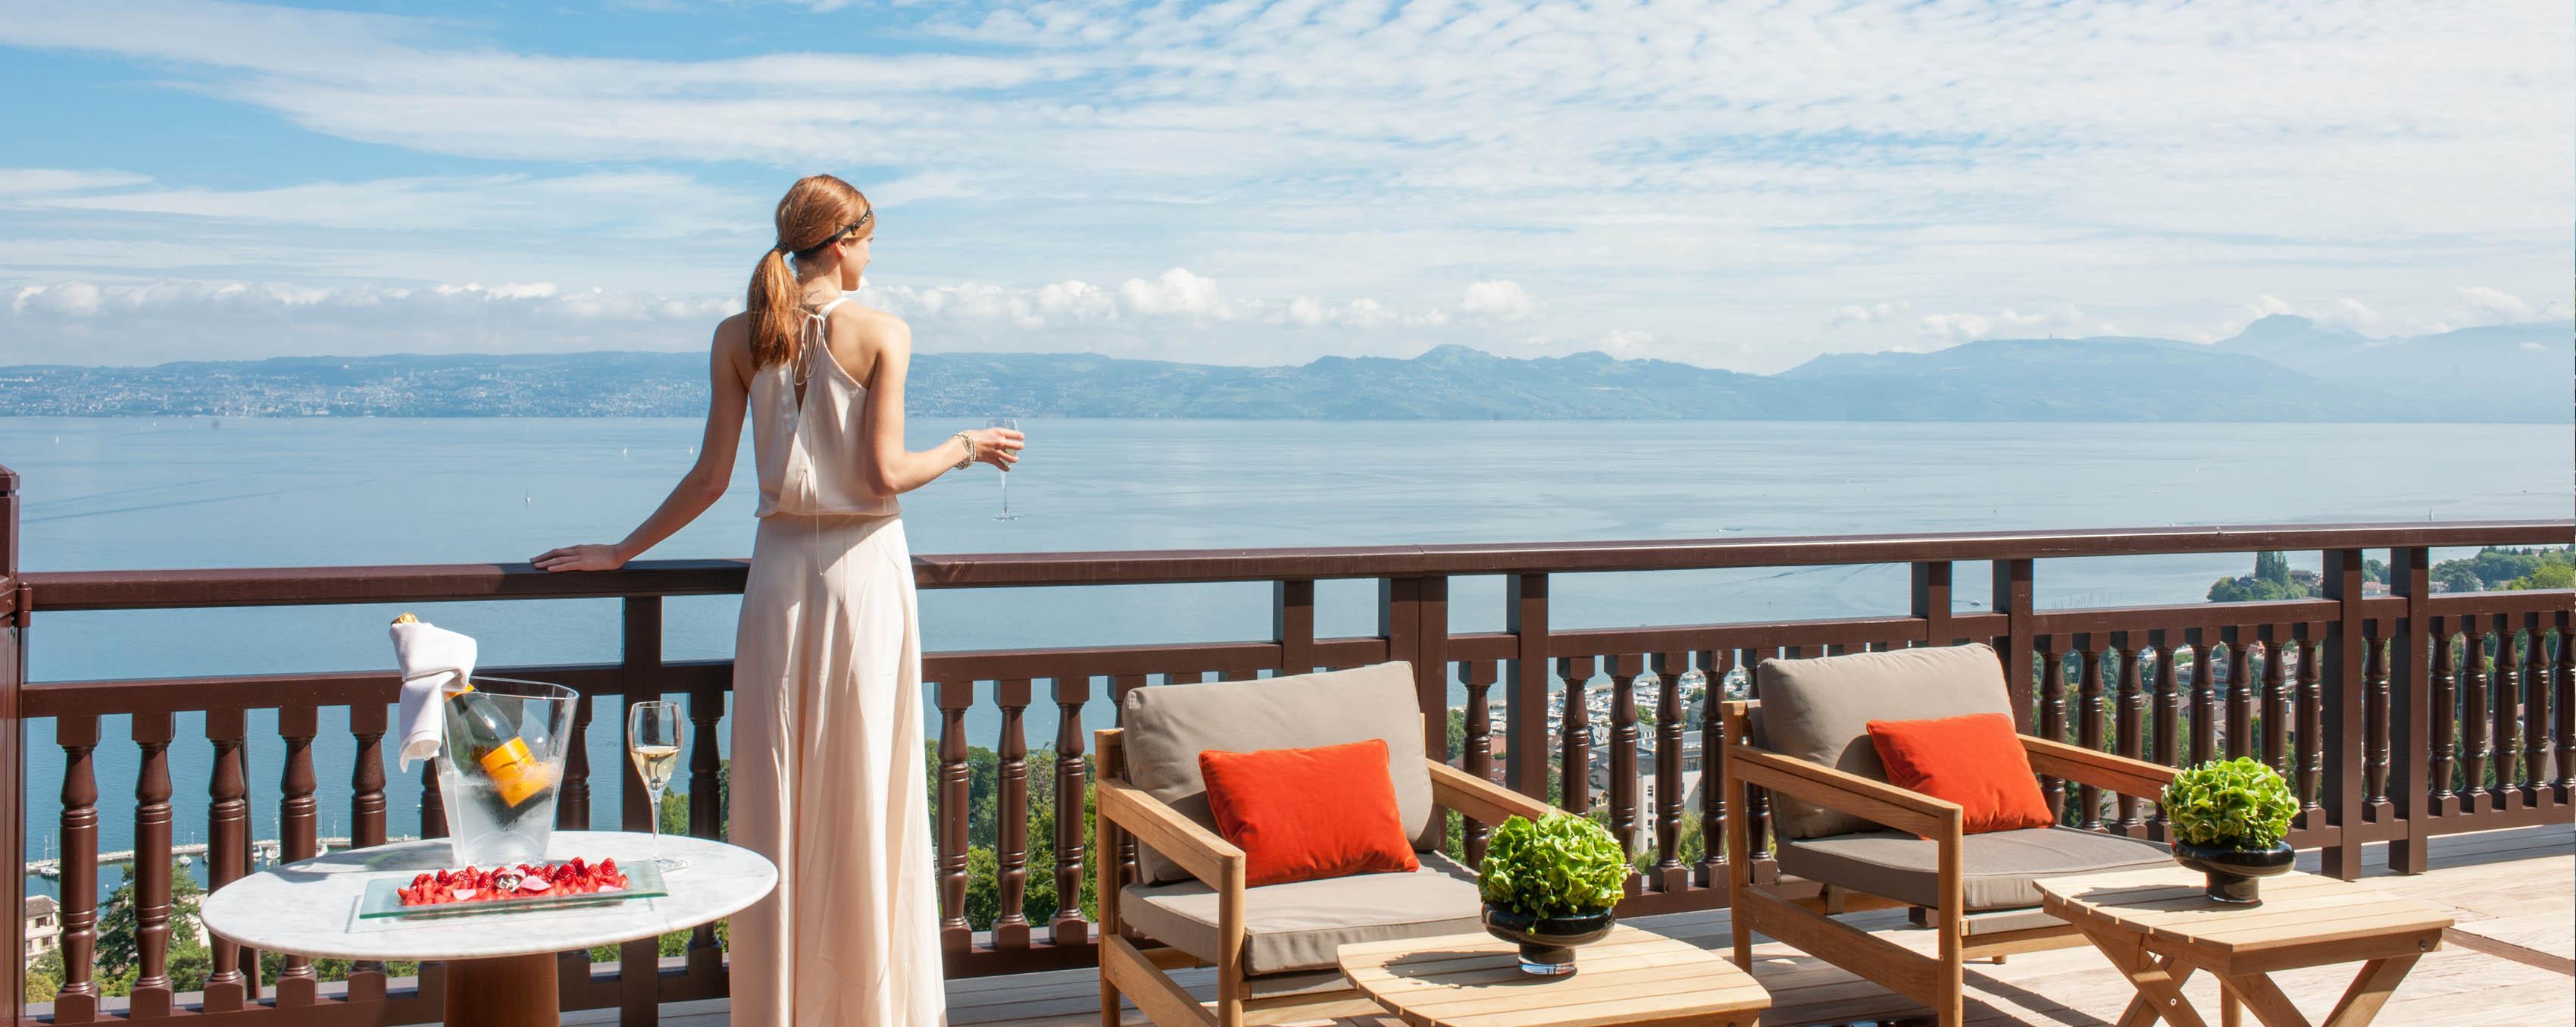 Palace 5 étoiles EVIAN, Luxe au bord du Lac Léman - Hôtel Royal